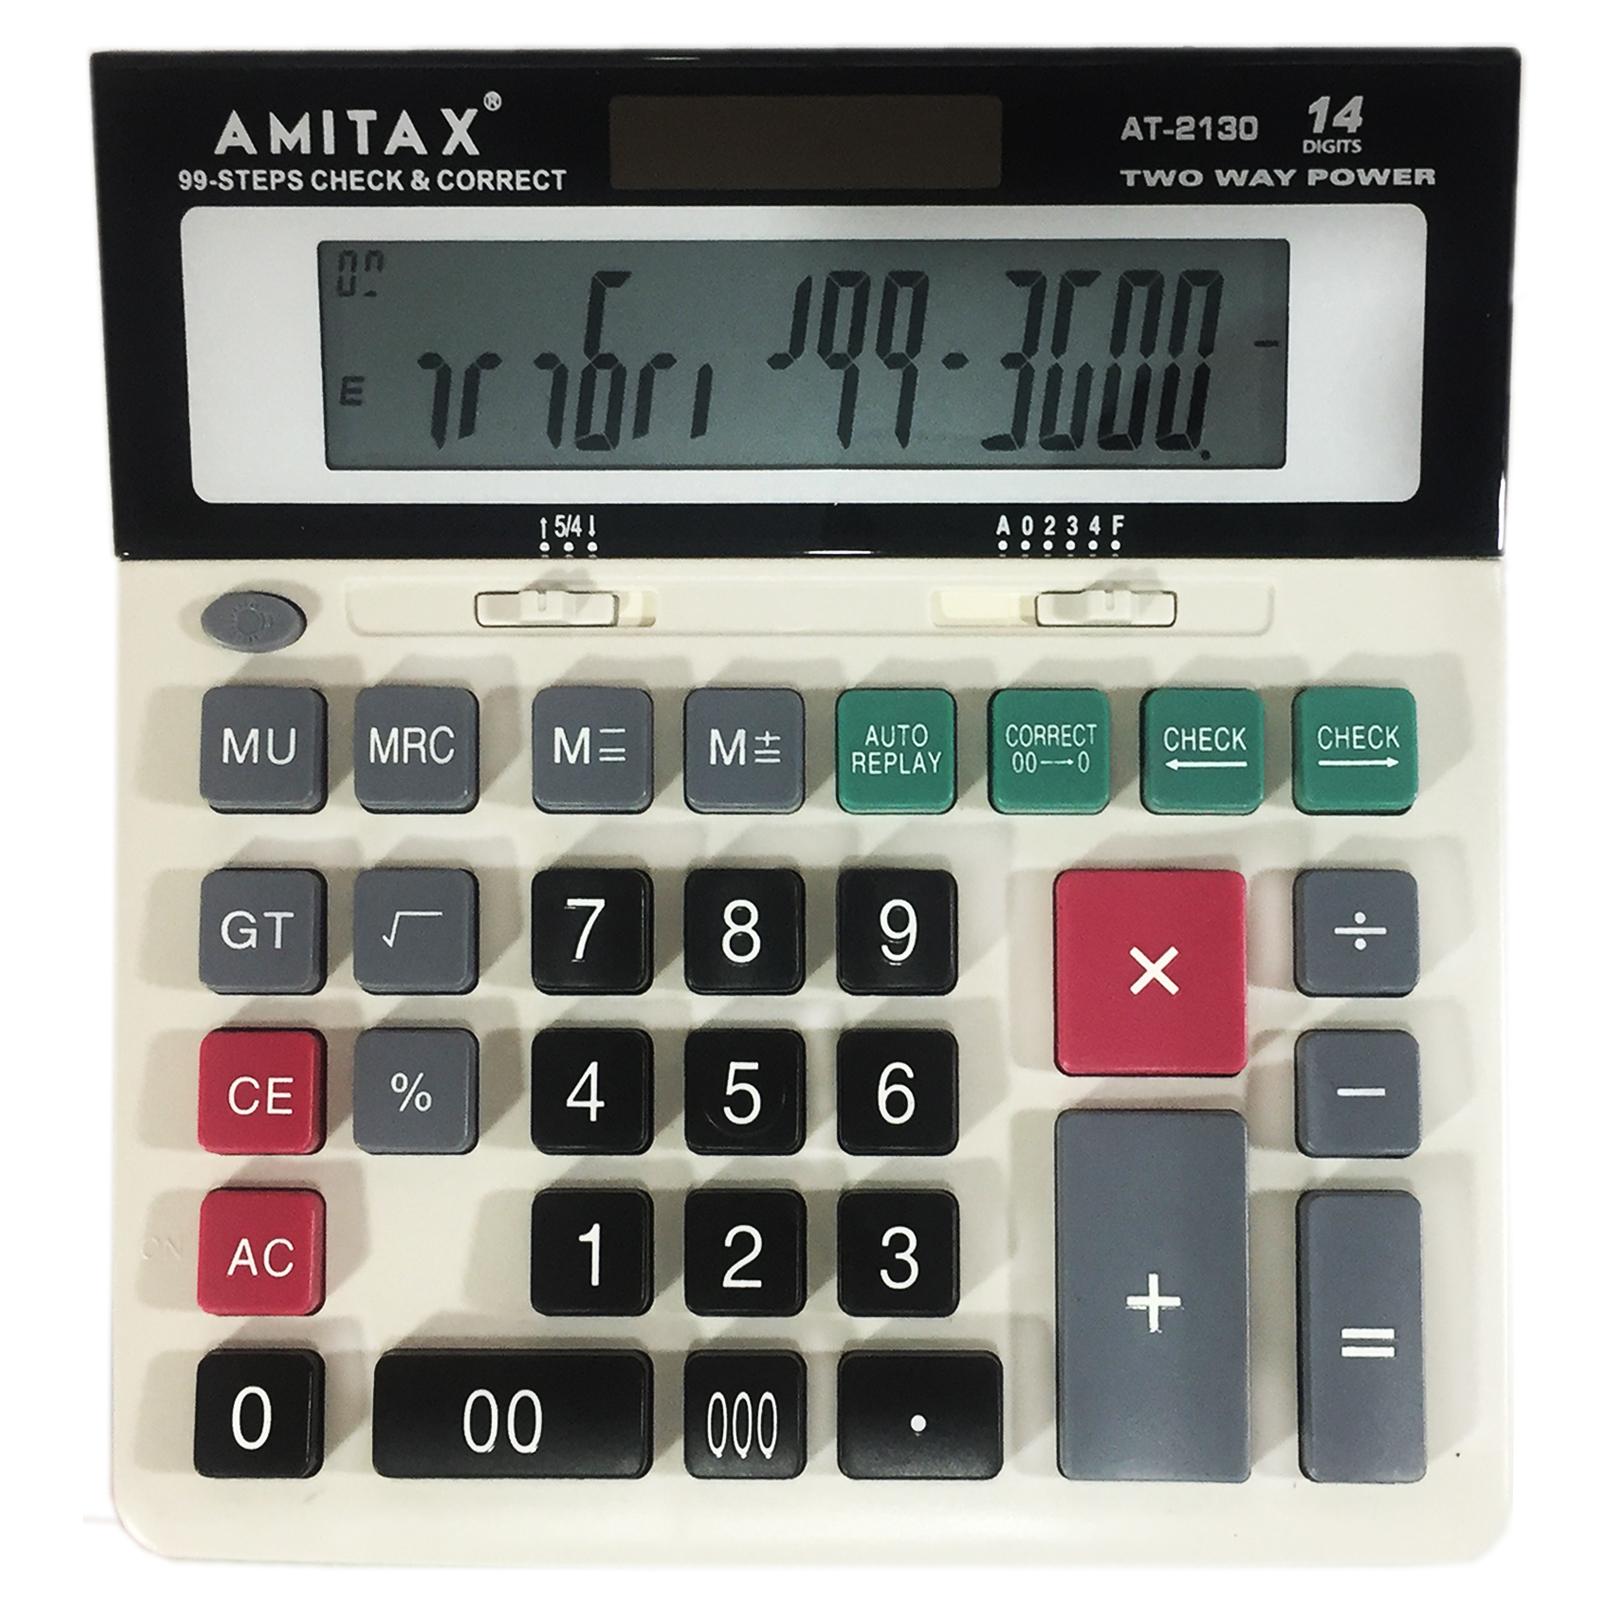 قیمت                      ماشین حساب امیتکس مدل AT-2130